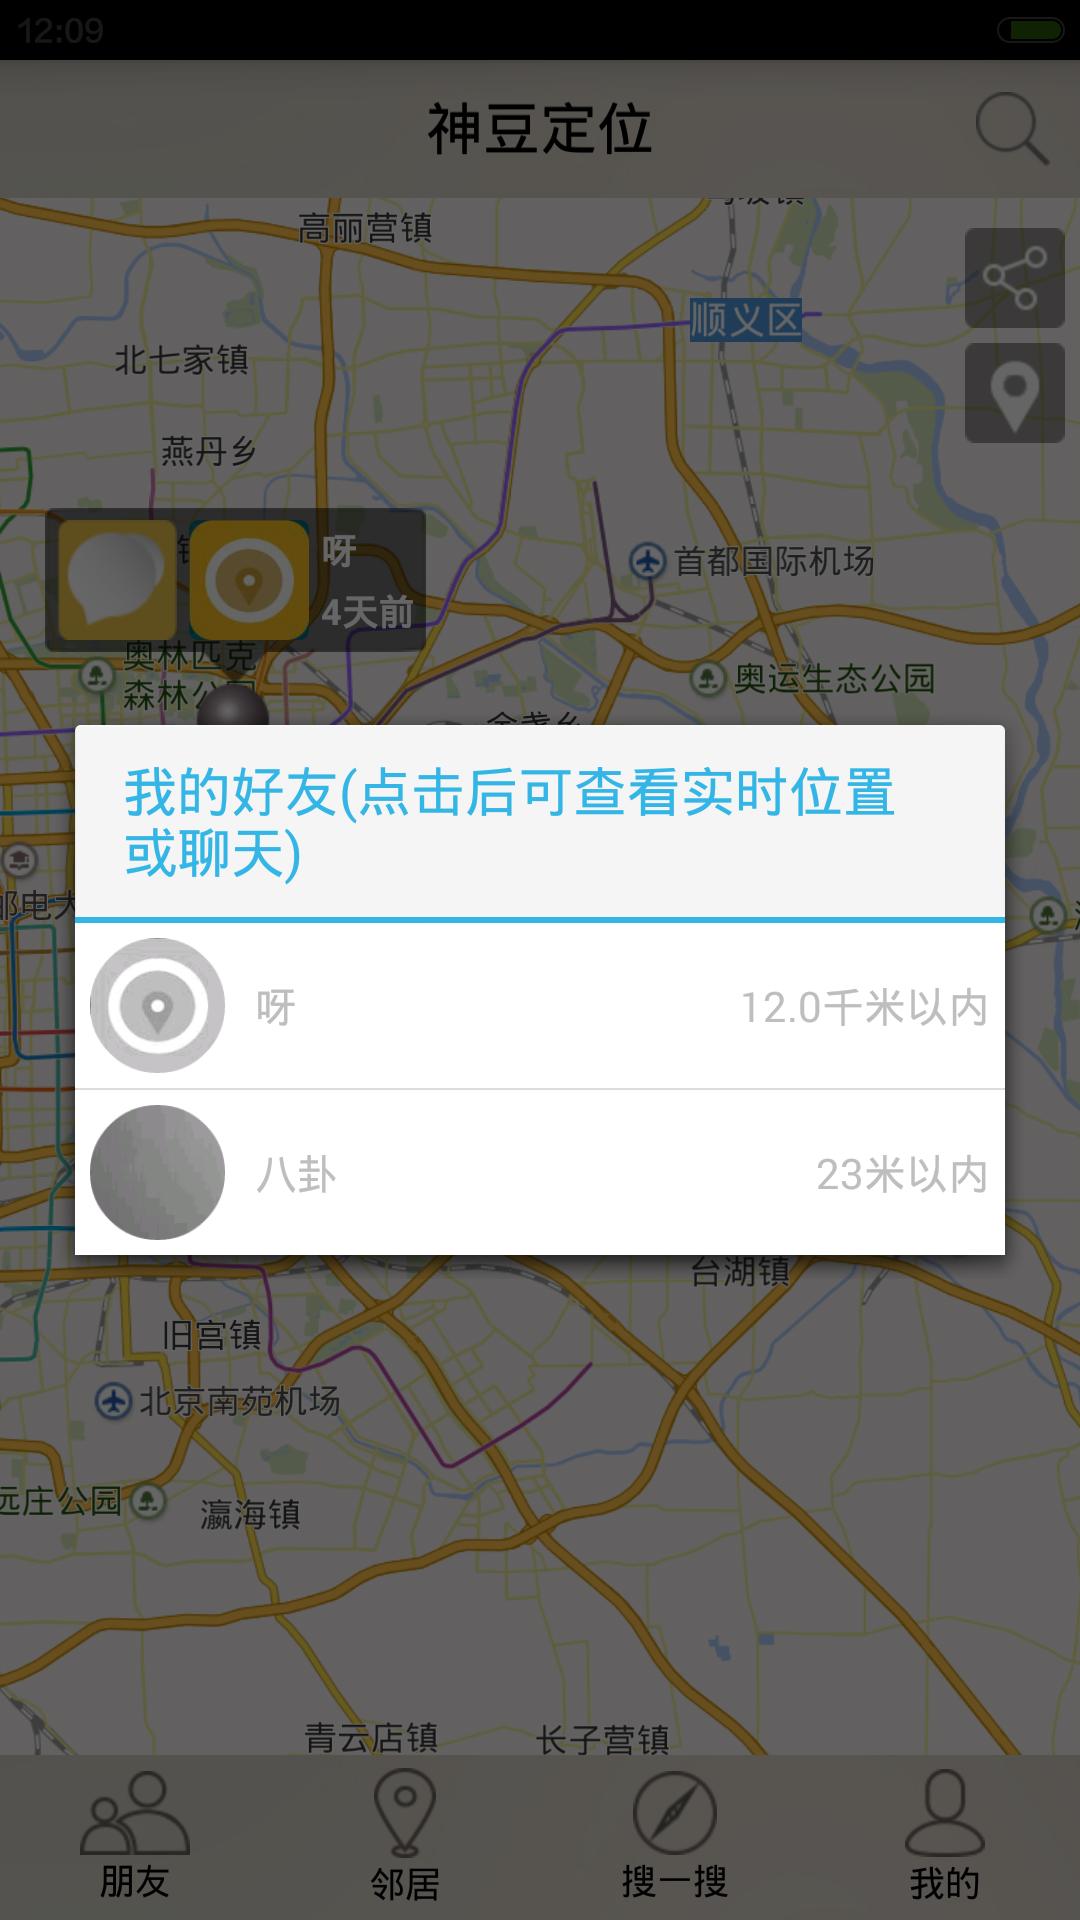 神豆手机号定位